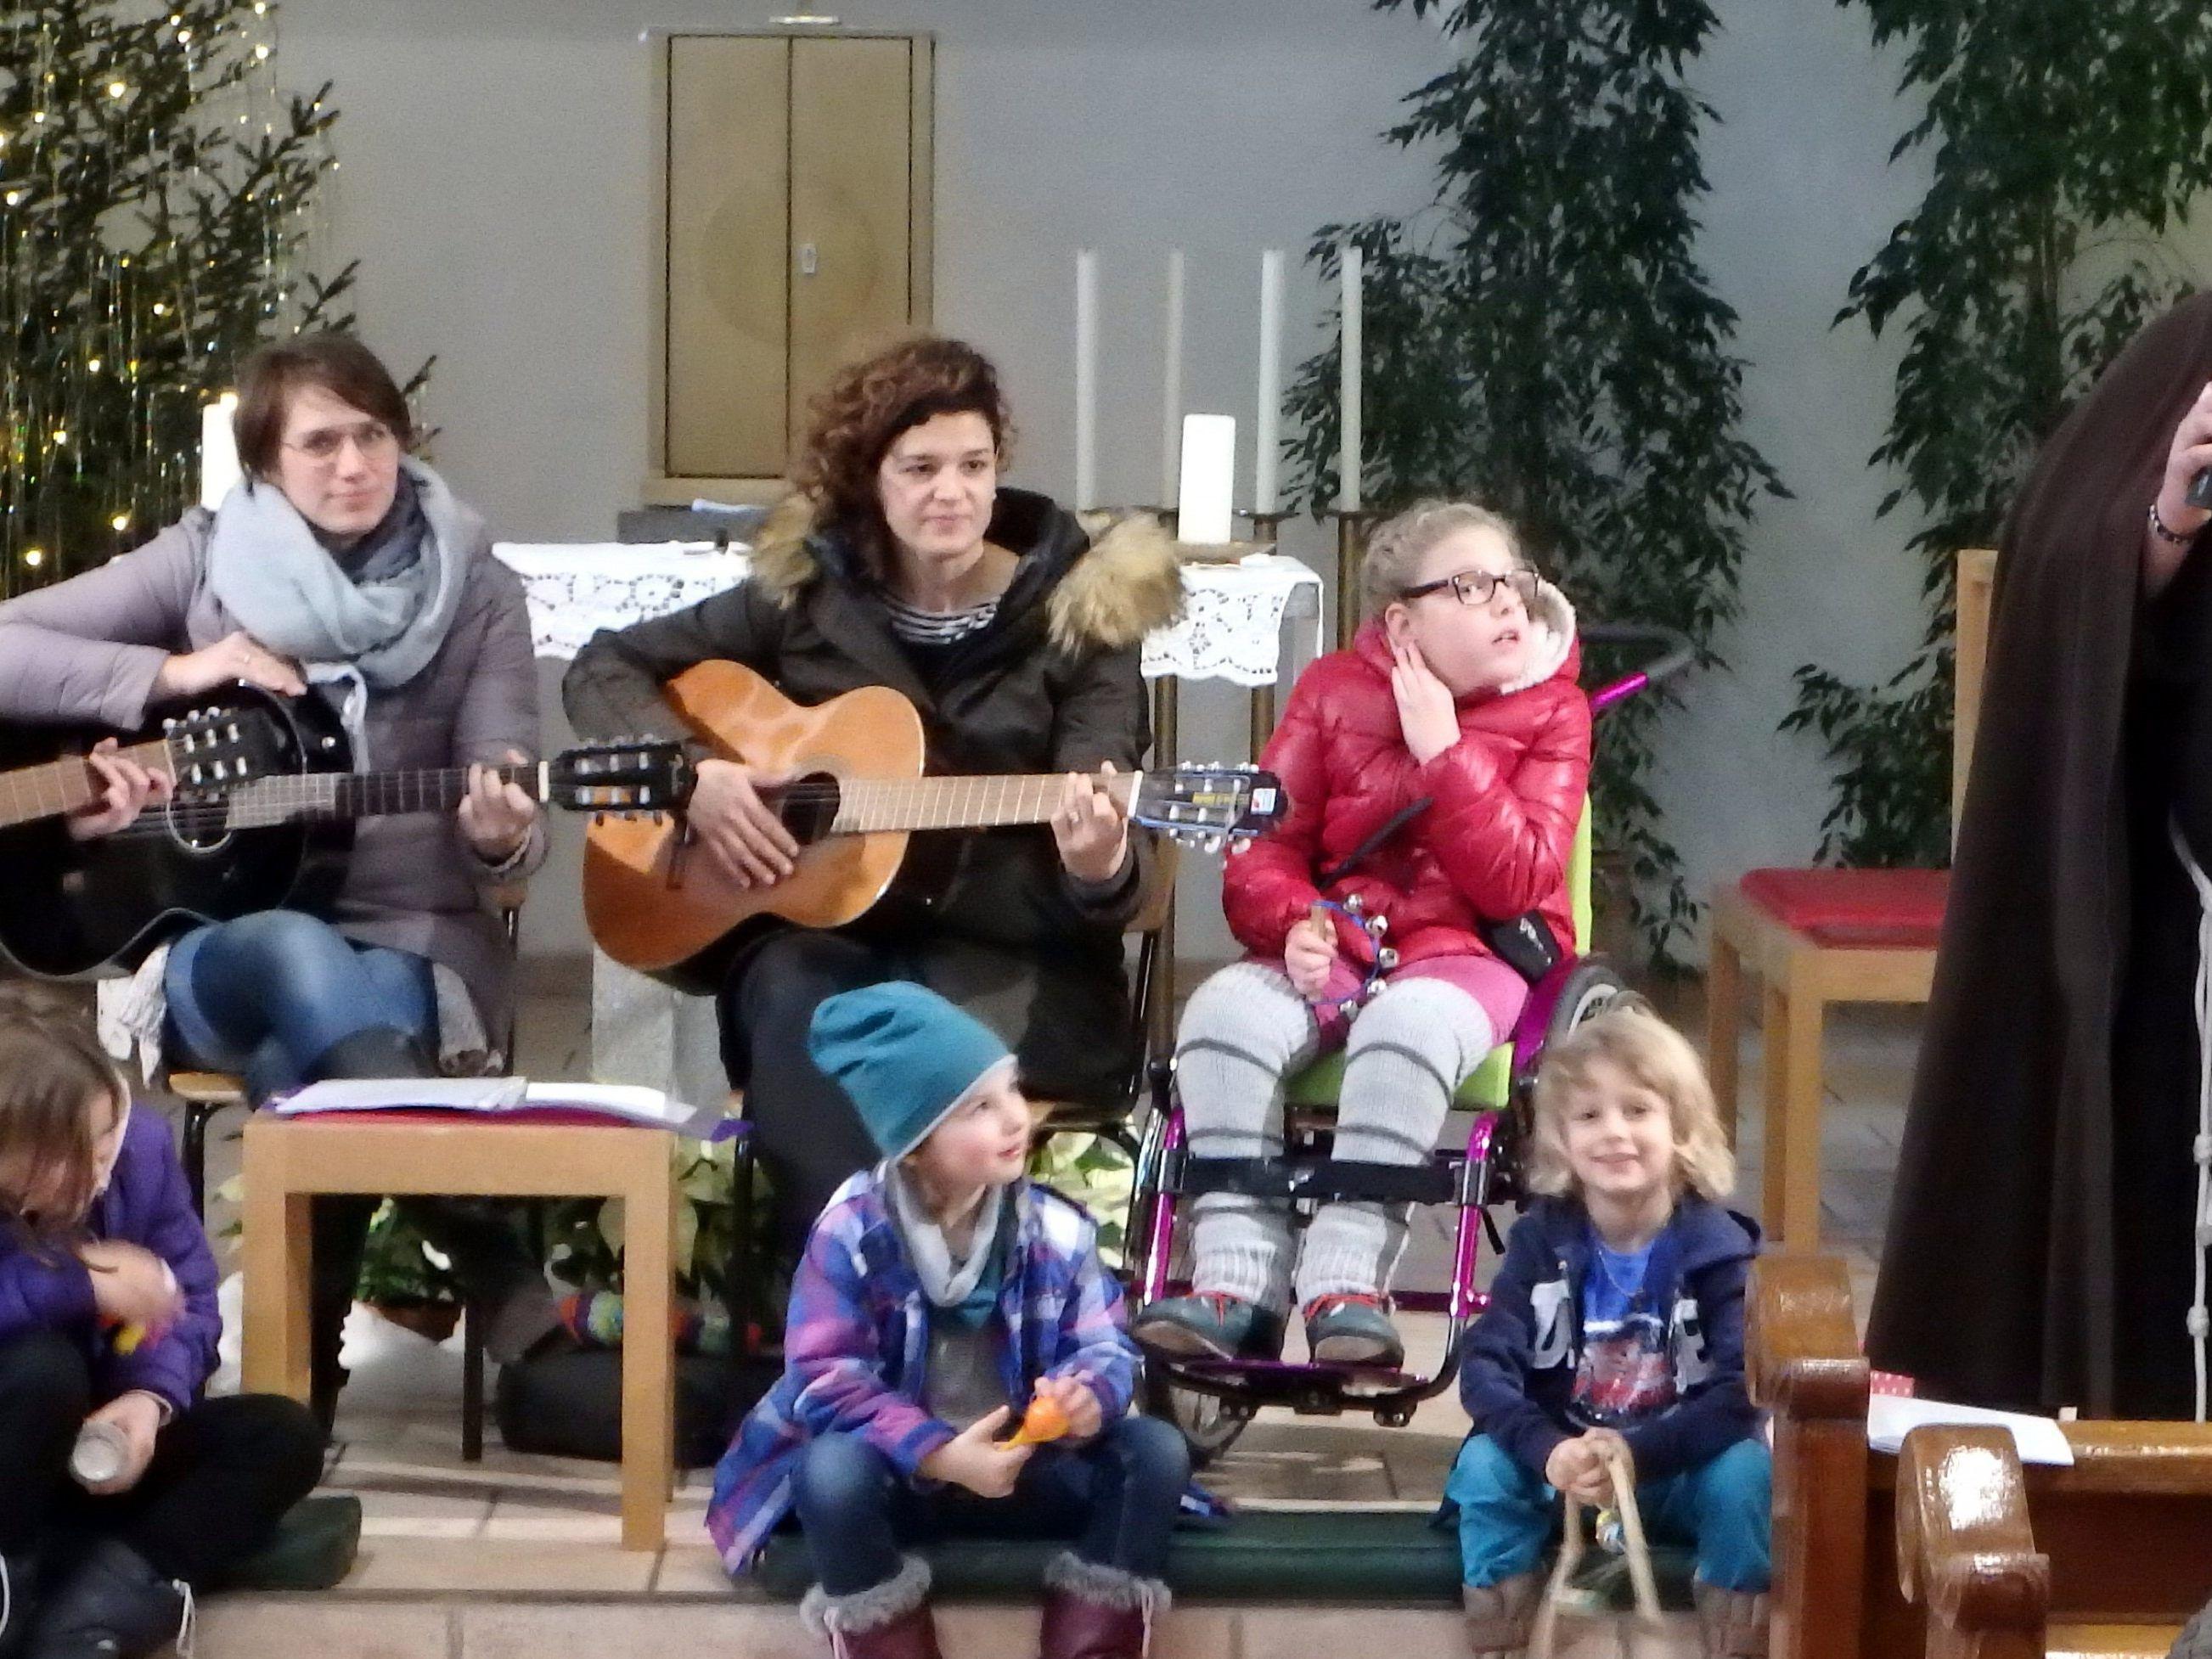 Partnersuche singen